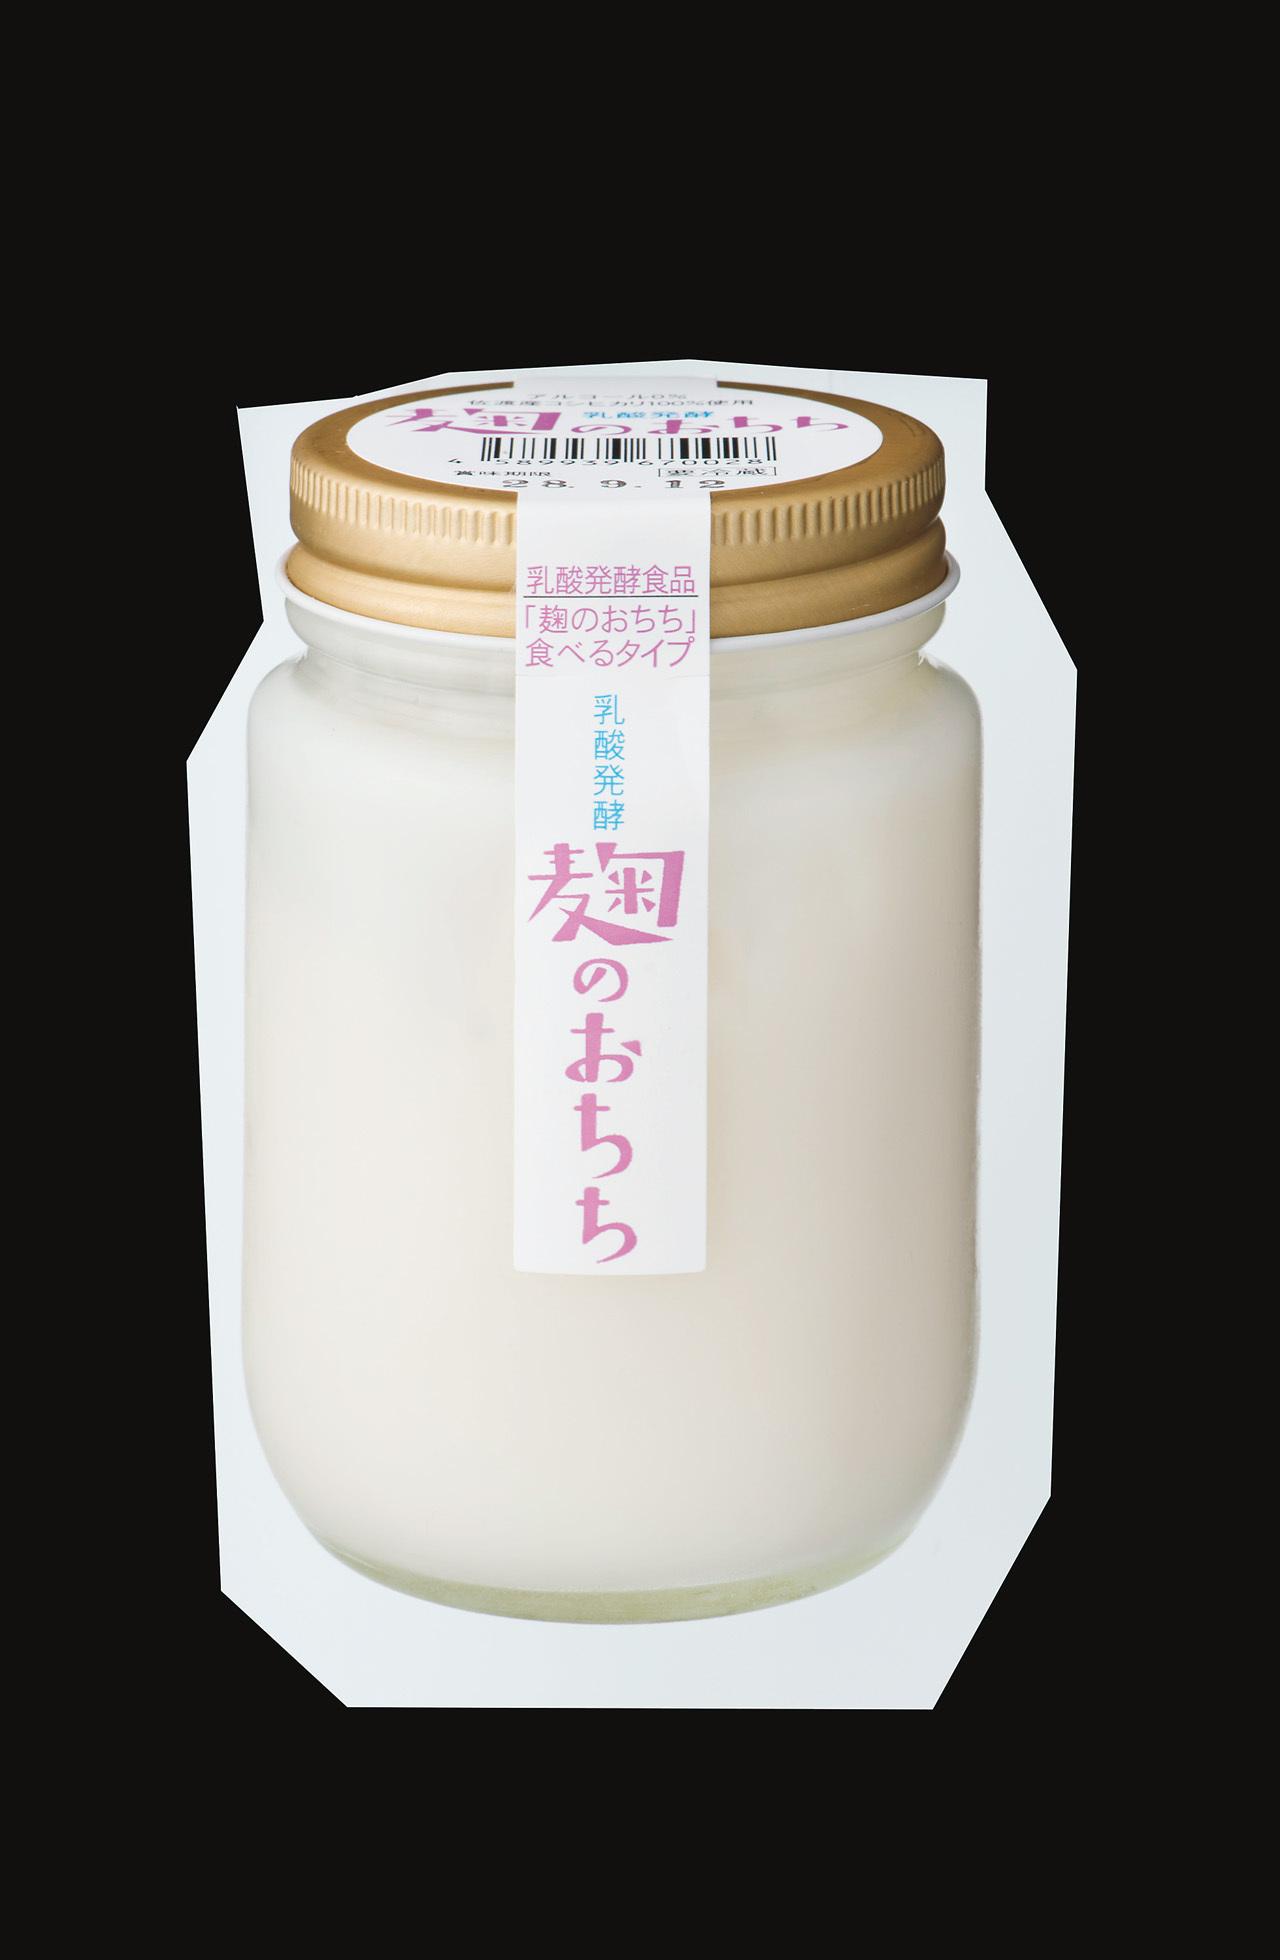 多種に活用できる佐渡発酵の「麹のおちち 食べるタイプ」_1_1